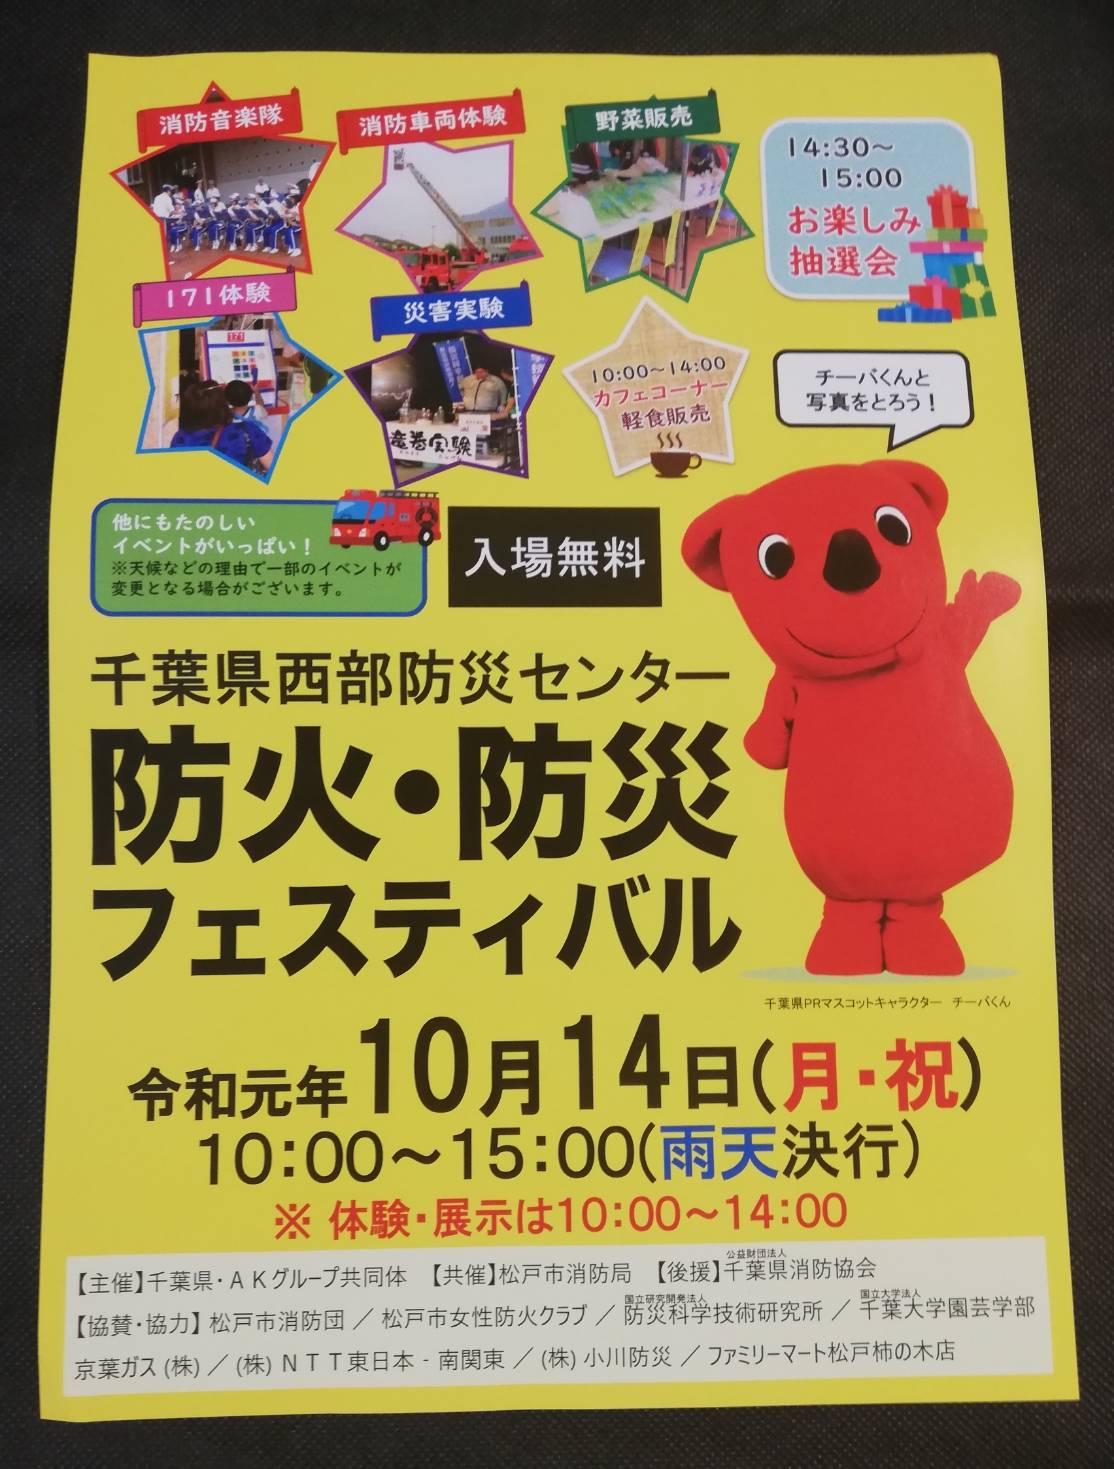 松戸防災センターイベント2019